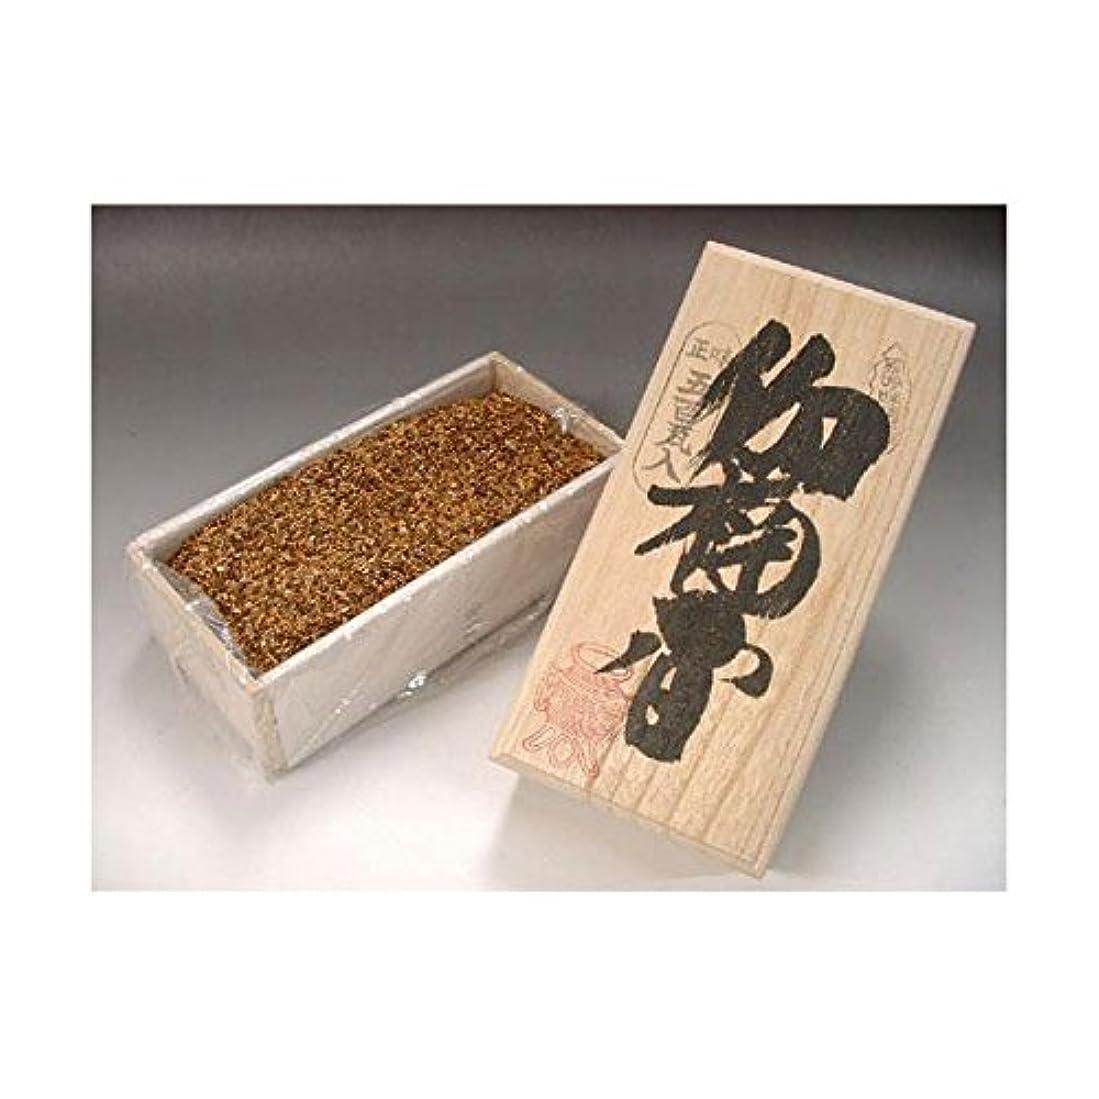 マスタード戦い崇拝する焼香 伽楠香(カナンコウ)500g桐箱入